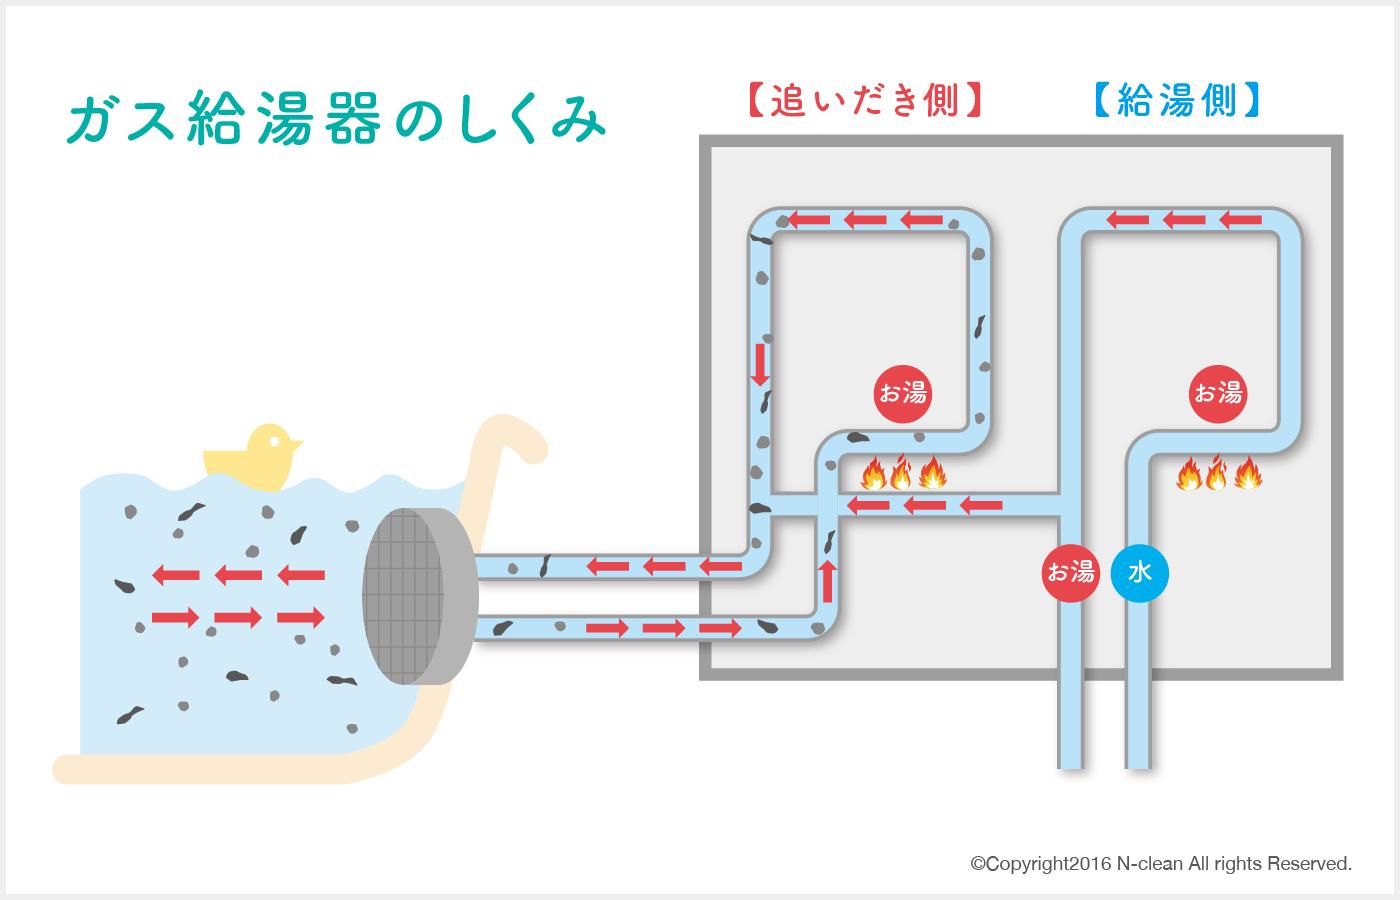 入浴 剤 いだき お 追い炊き風呂に入浴剤はNG!使ってはいけない理由と使っても大丈夫な入浴剤